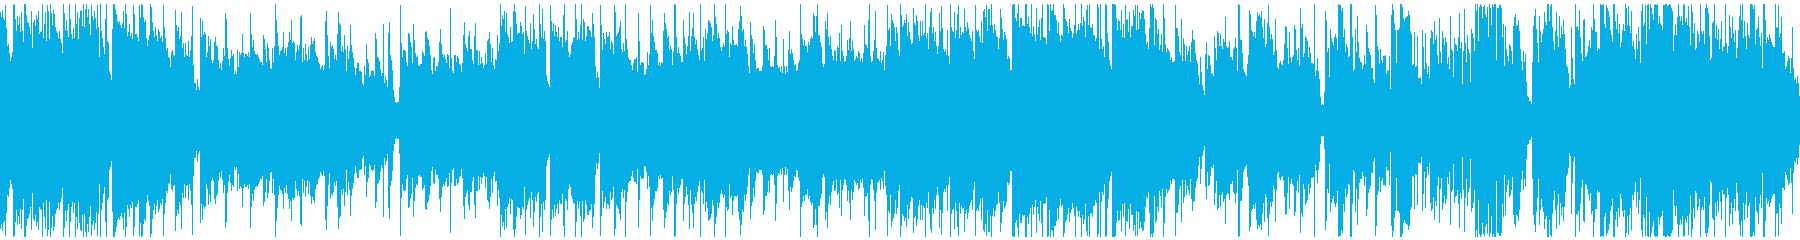 クールゆっくりモダンジャズ ※ループ版の再生済みの波形